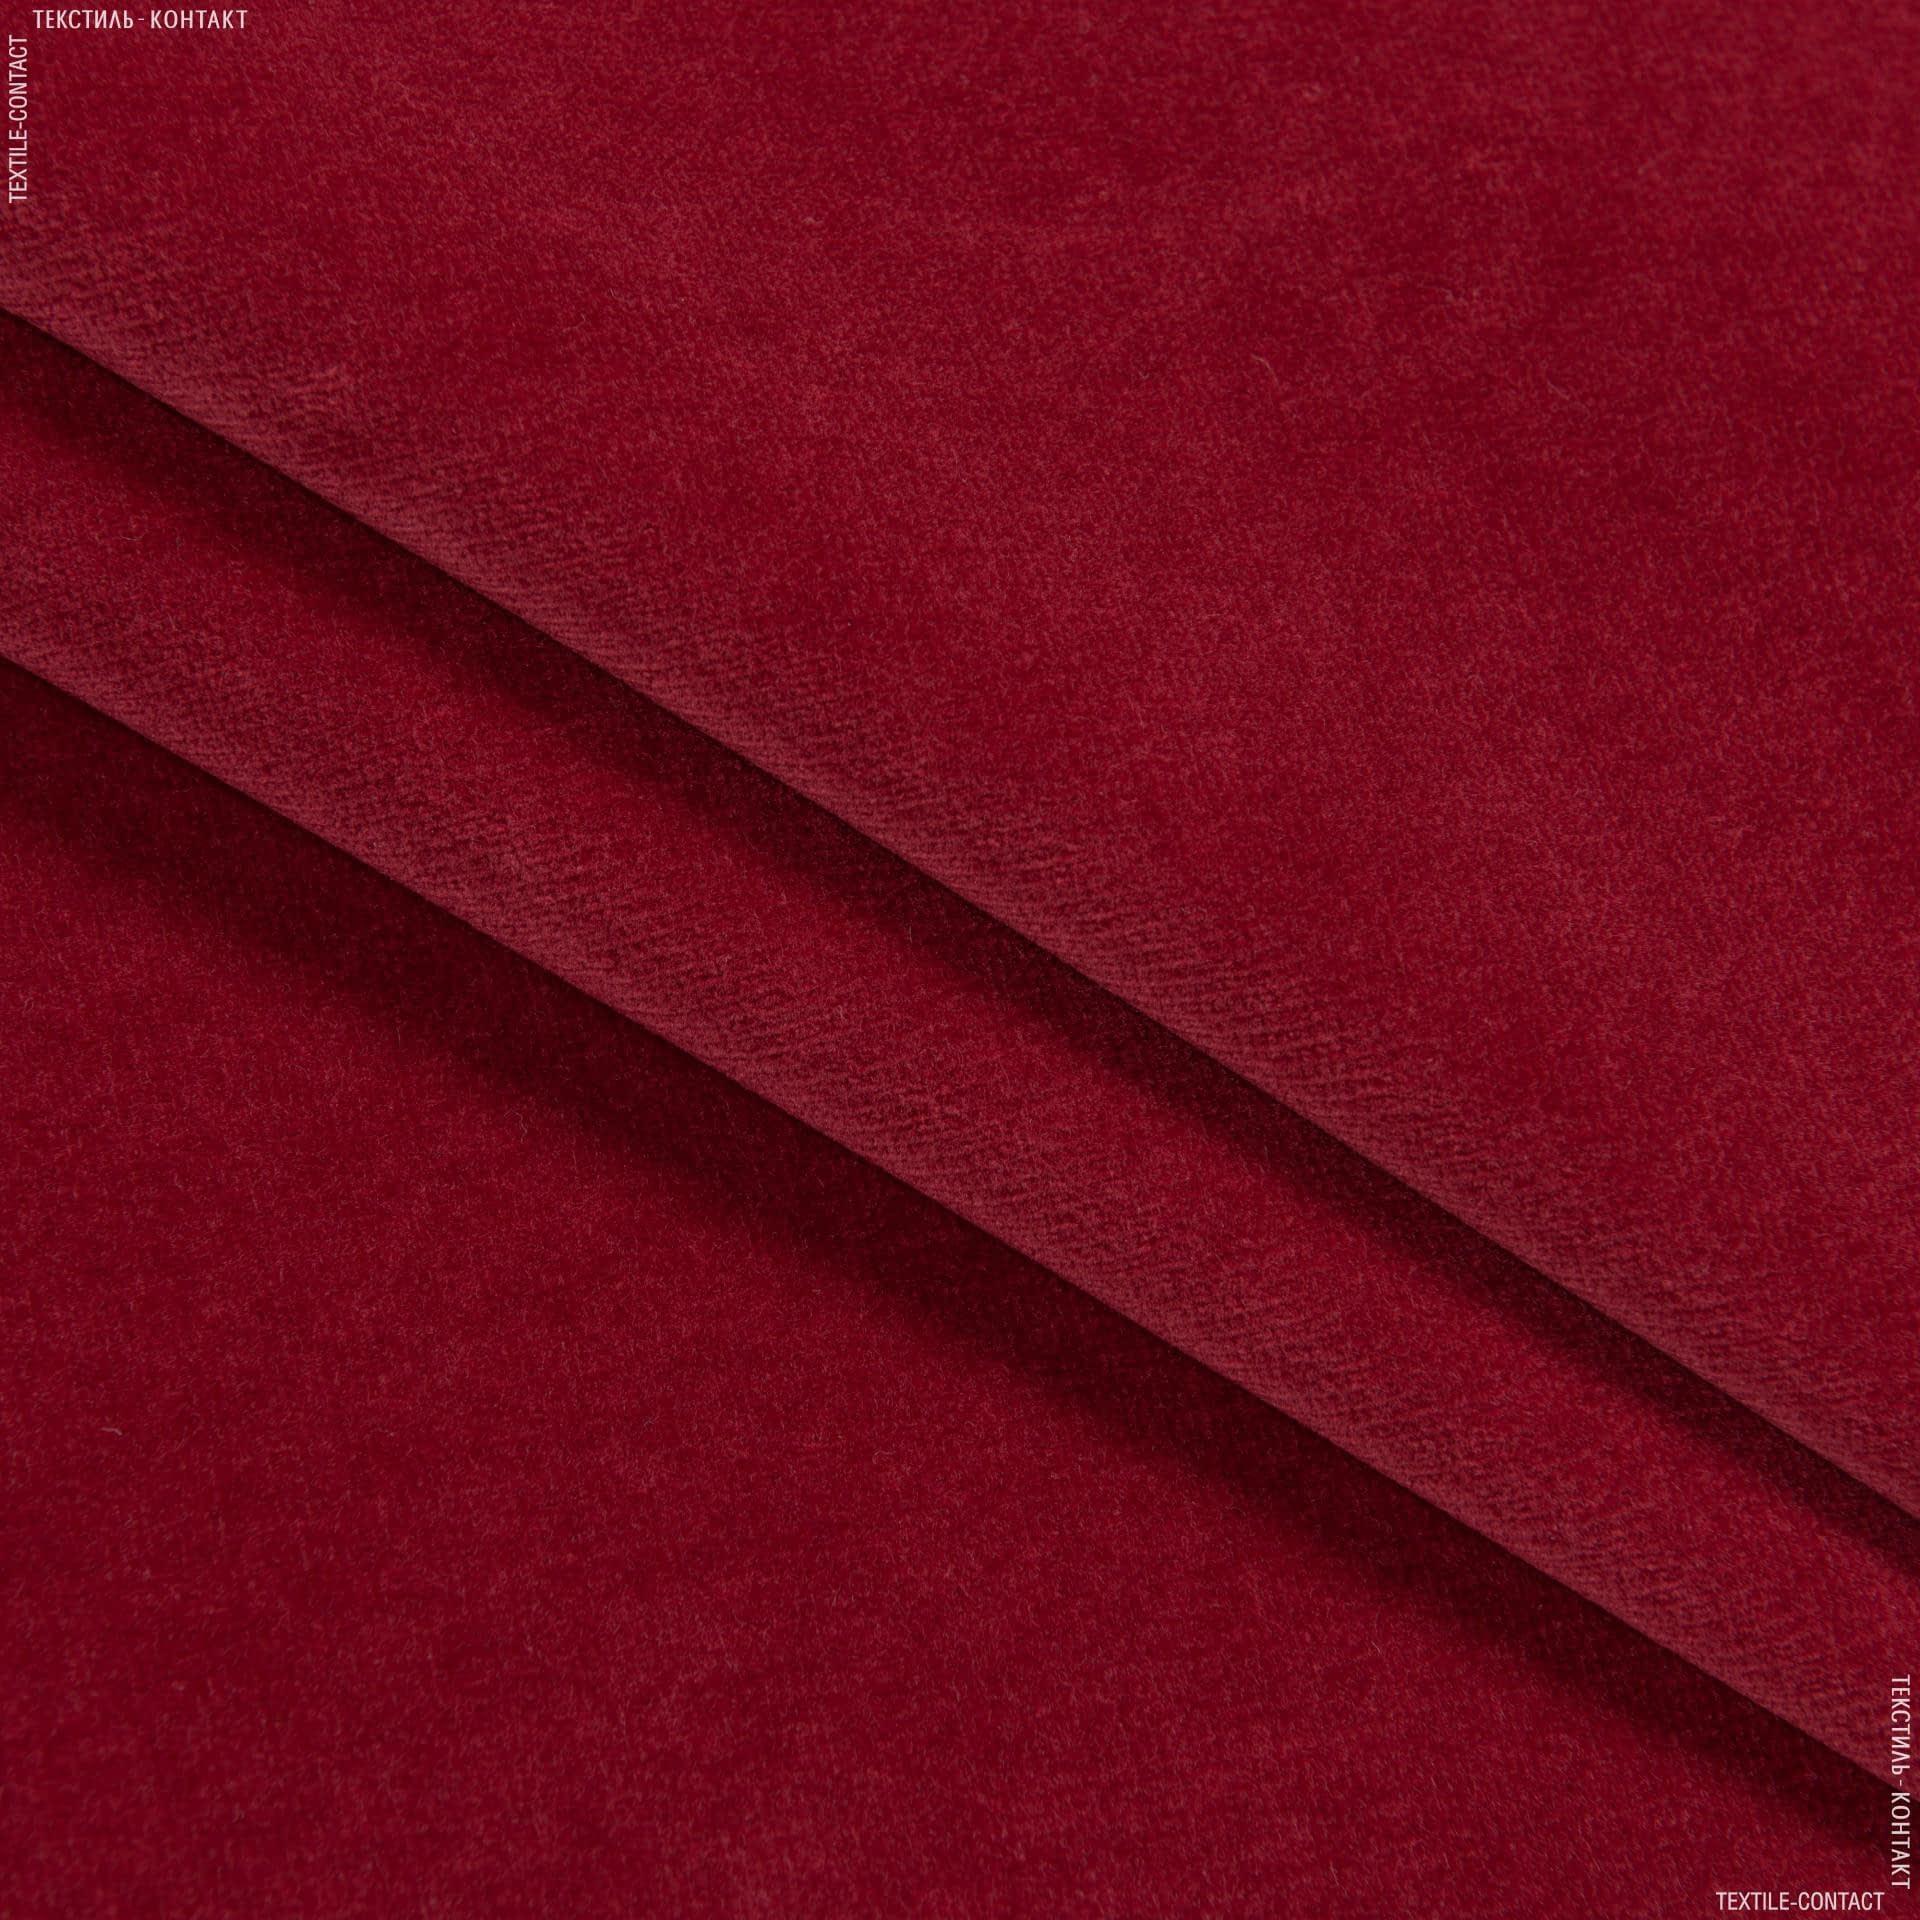 Тканини для театральних завіс та реквізиту - Велюр роял з вогнетривким просоченням/royal червоний сток